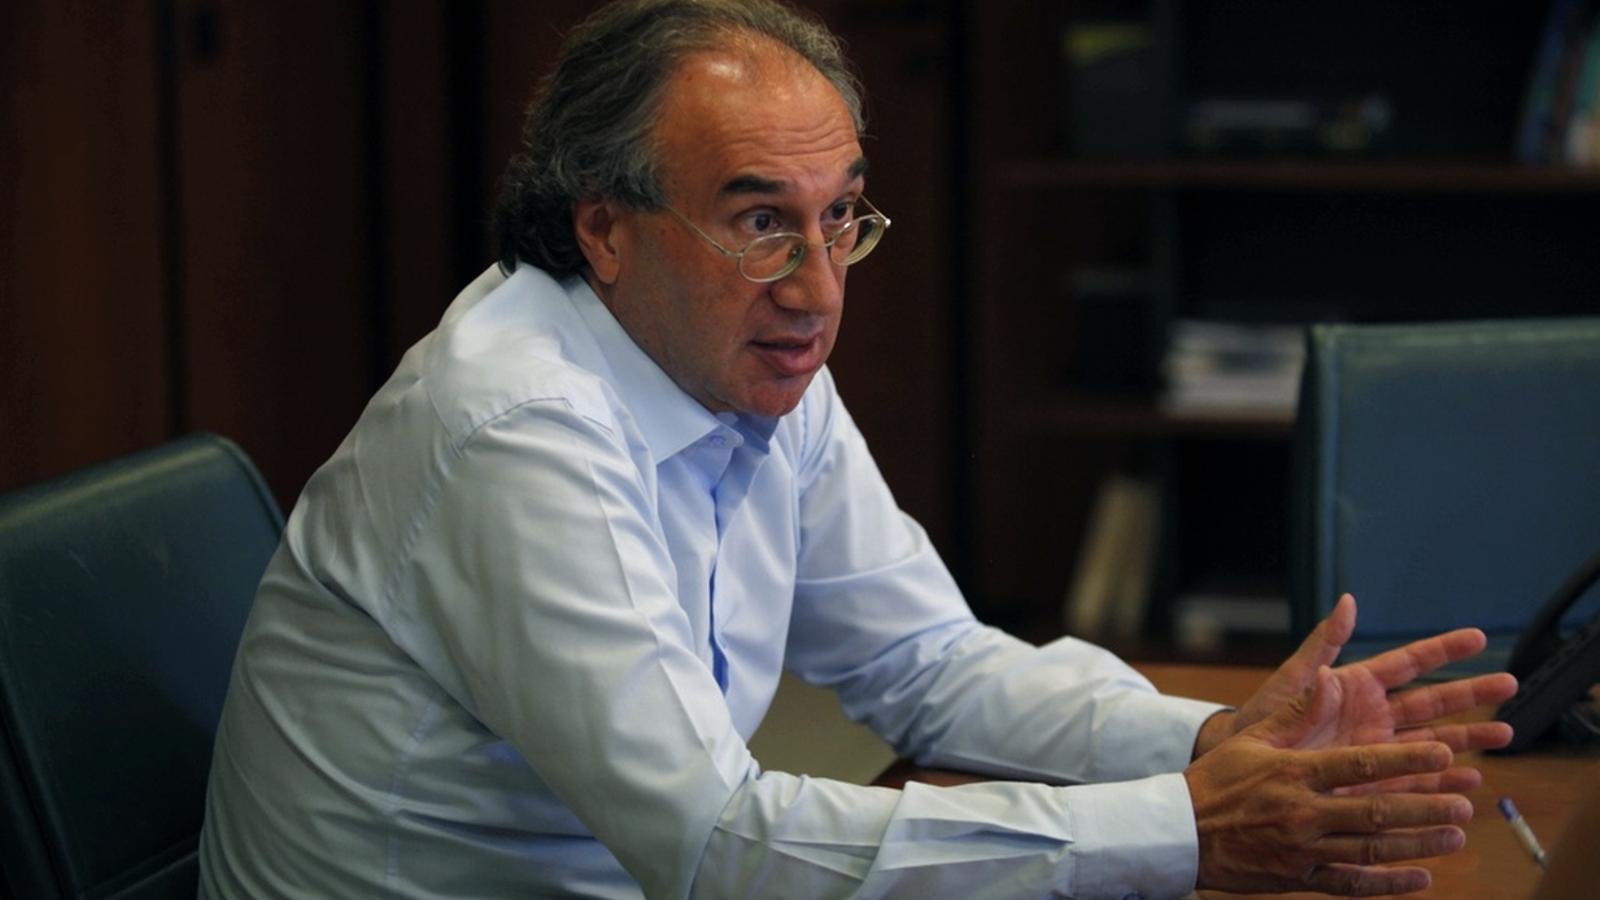 El conseller d'Educació, Martí March, aquest dimecres durant l'entrevista amb l'ARA Balears. MARGA MONER